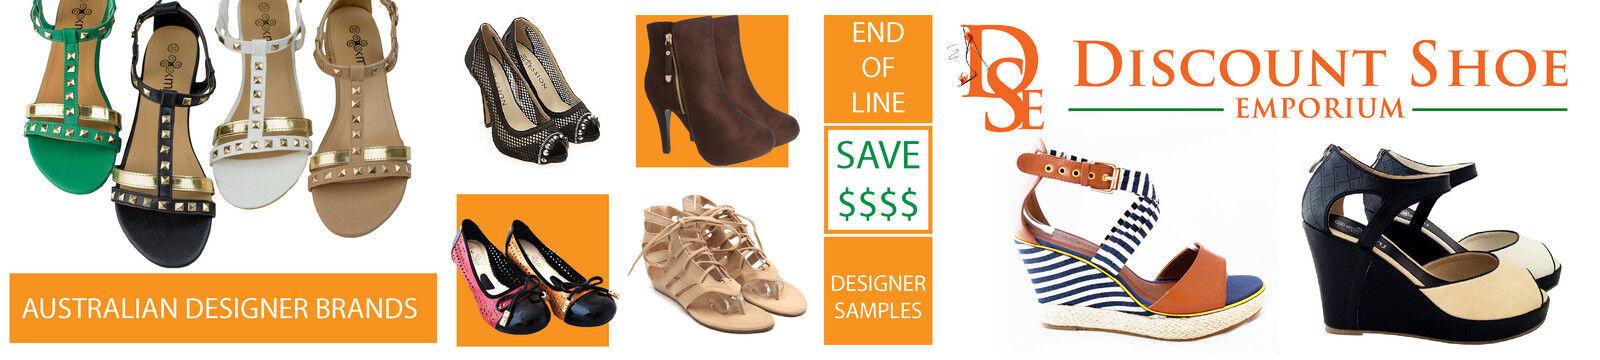 Discount Shoe Emporium